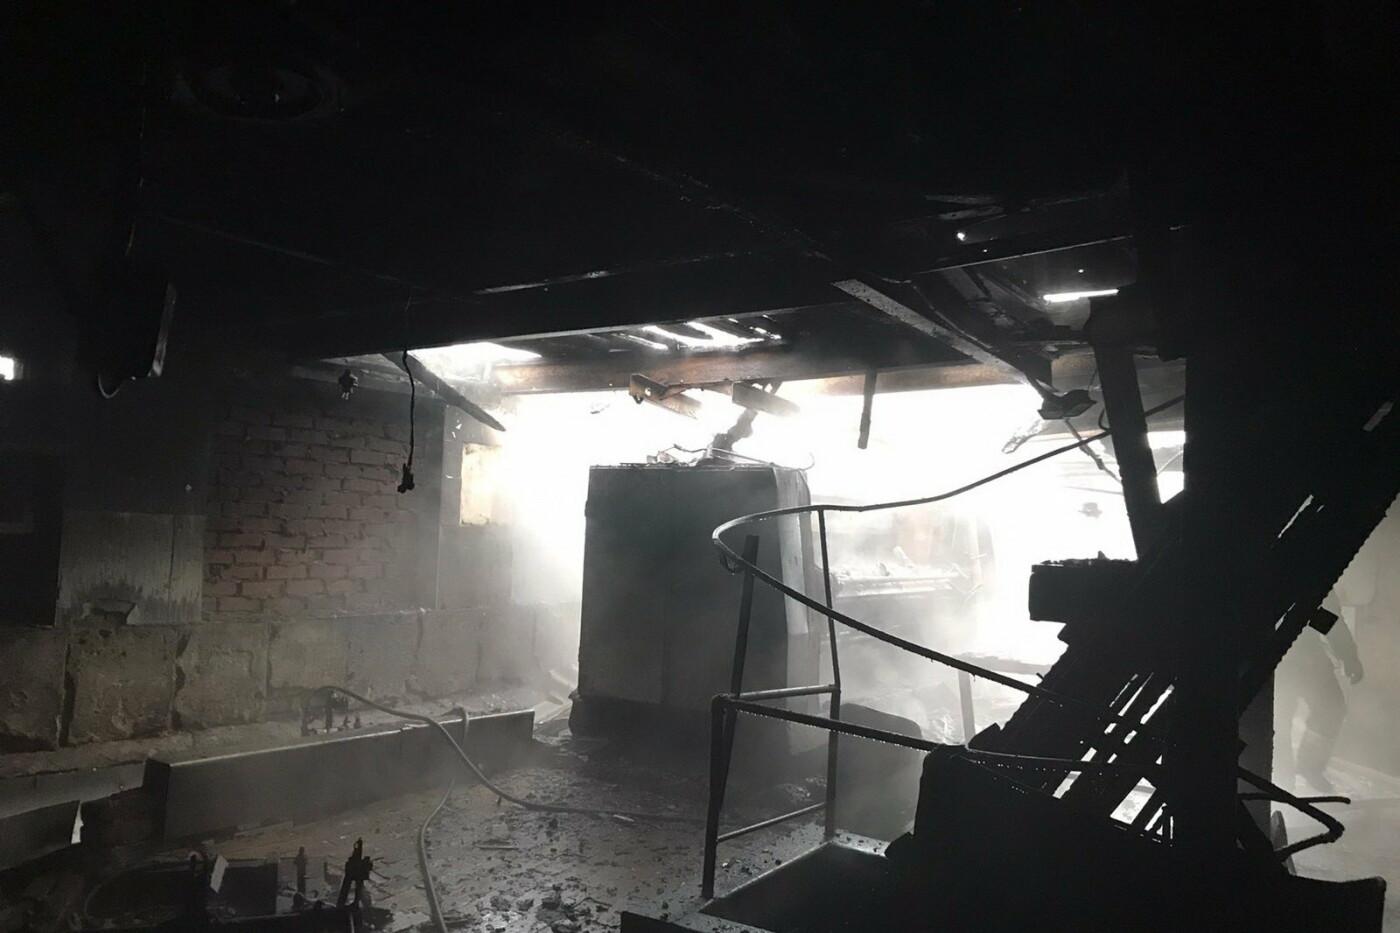 В Харькове спасатели тушили пожар на мясокомбинате, - ФОТО, фото-4